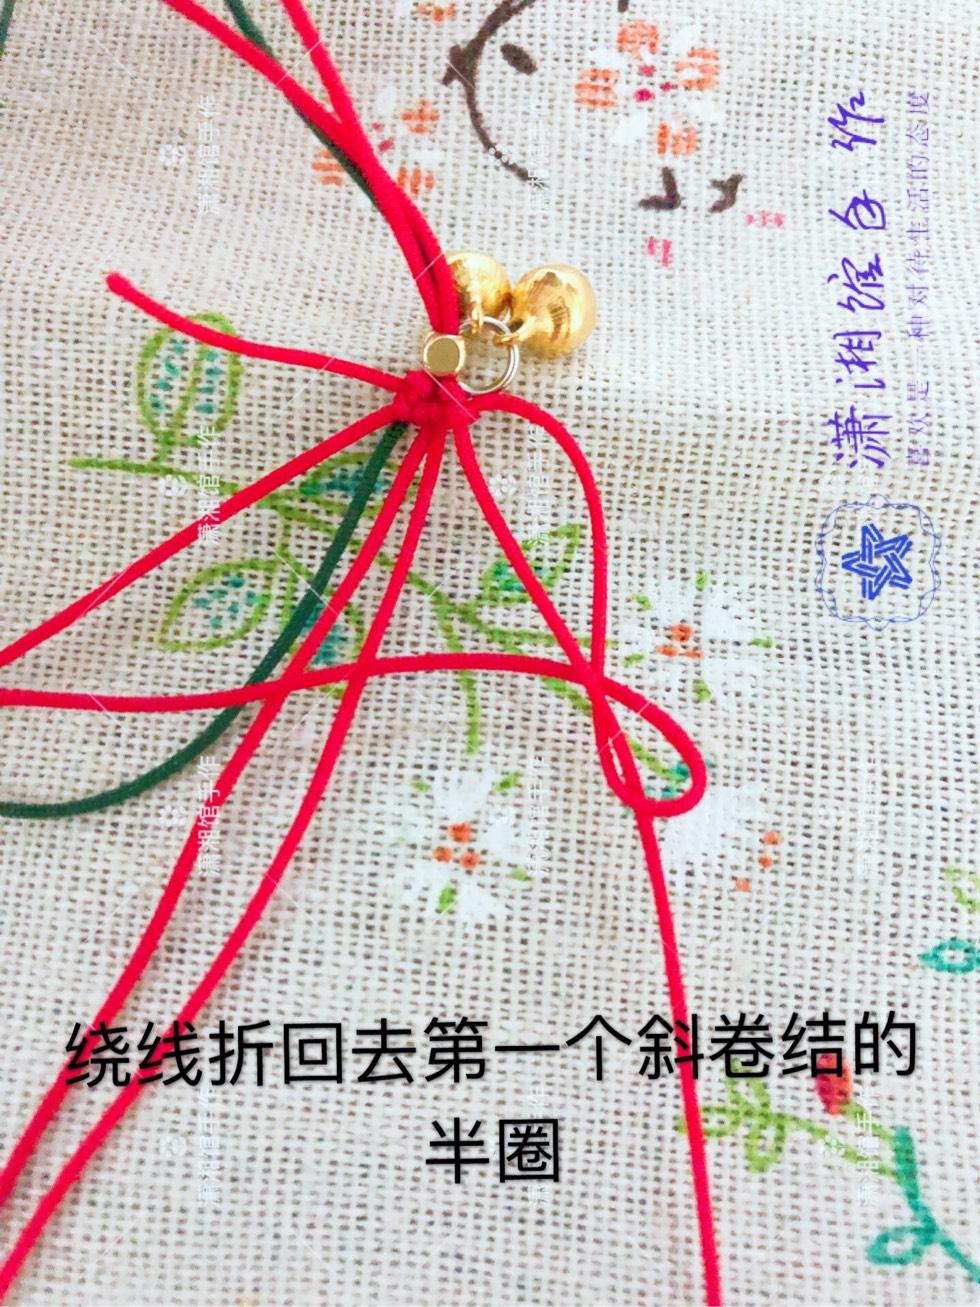 中国结论坛 圣诞节蝴蝶结手链  图文教程区 114829bbb66166vtgm01tn